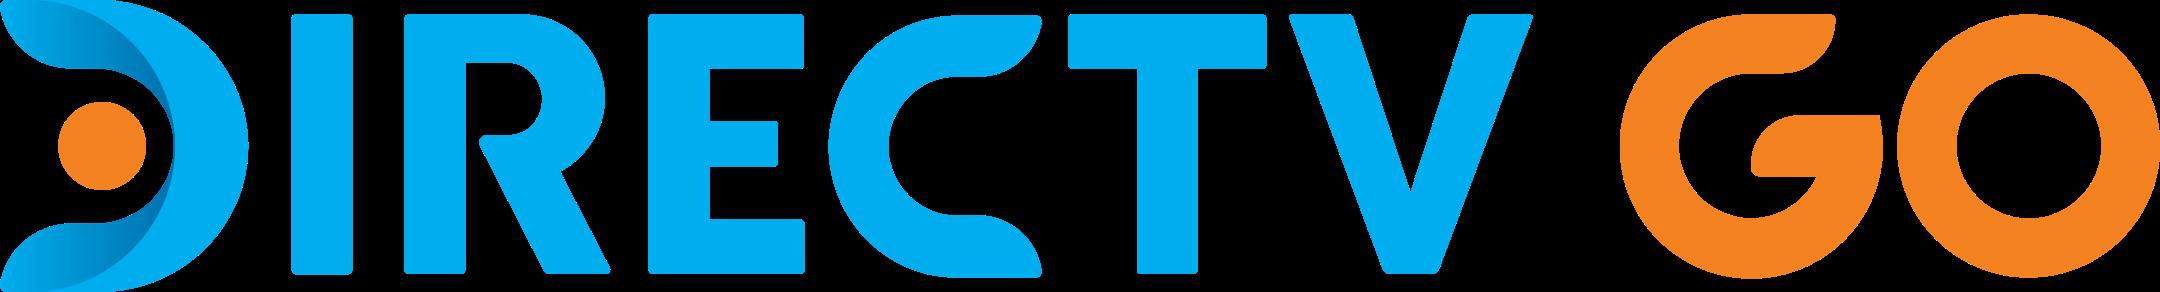 directvgo logo logo 1 - DirecTV Go Logo